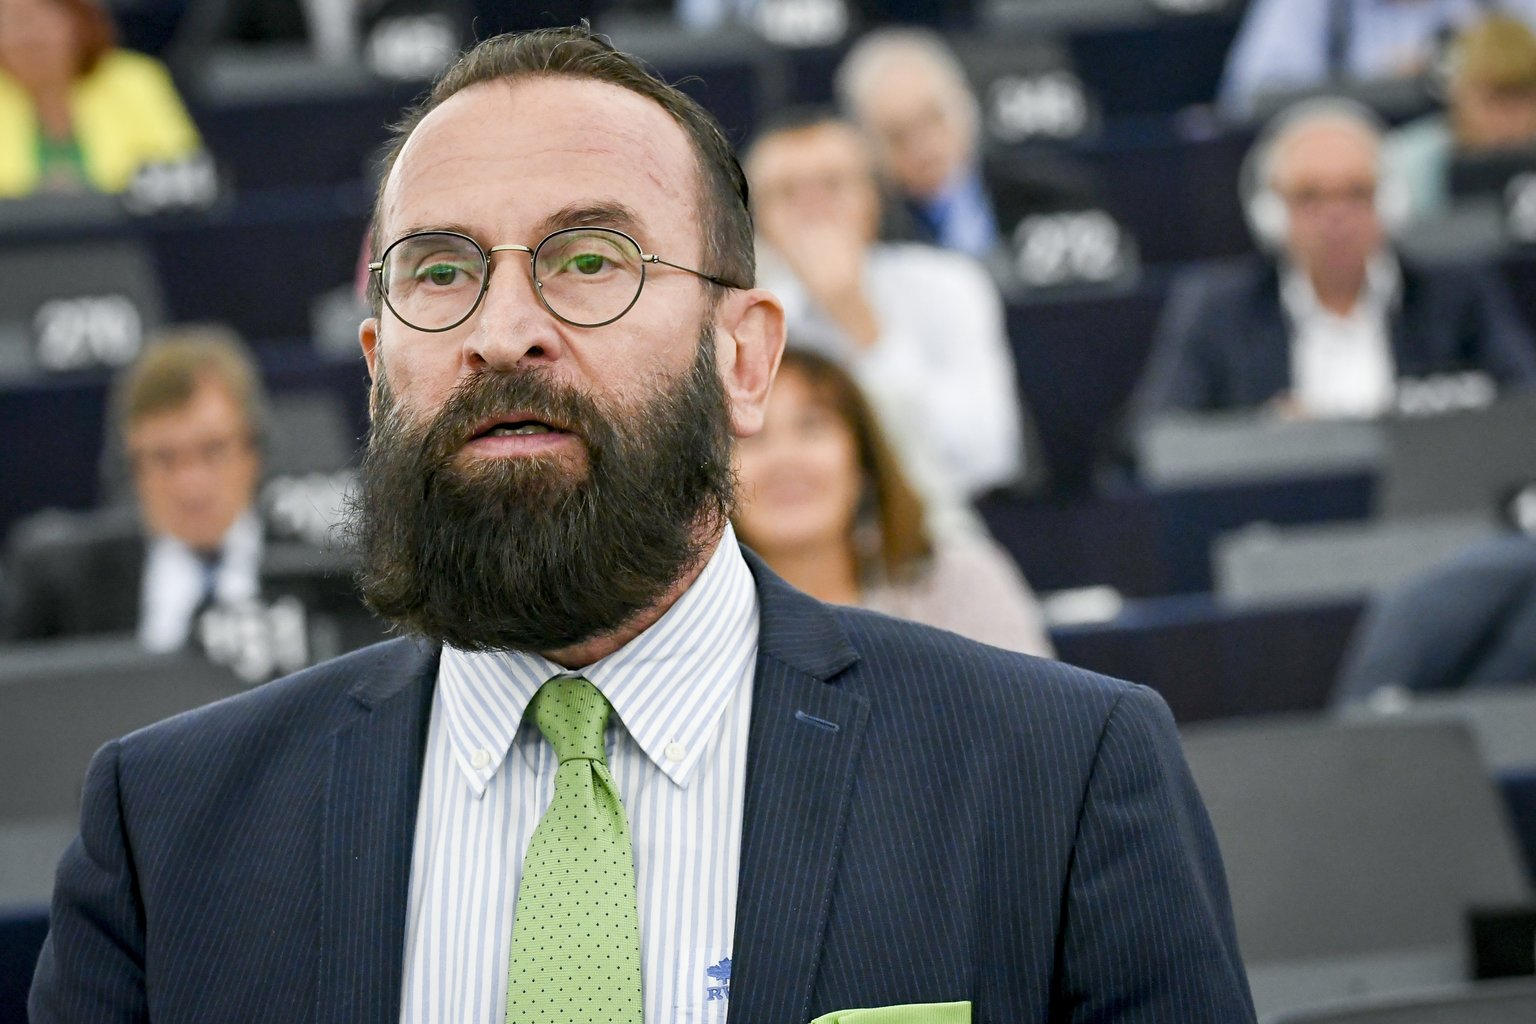 Szájer József fideszes európai parlamenti képviselő felszólal a Sargentini-jelentés vitáján (Fotó: MTI/Európai Parlament Multimédiás Központja/Genevieve Engel)